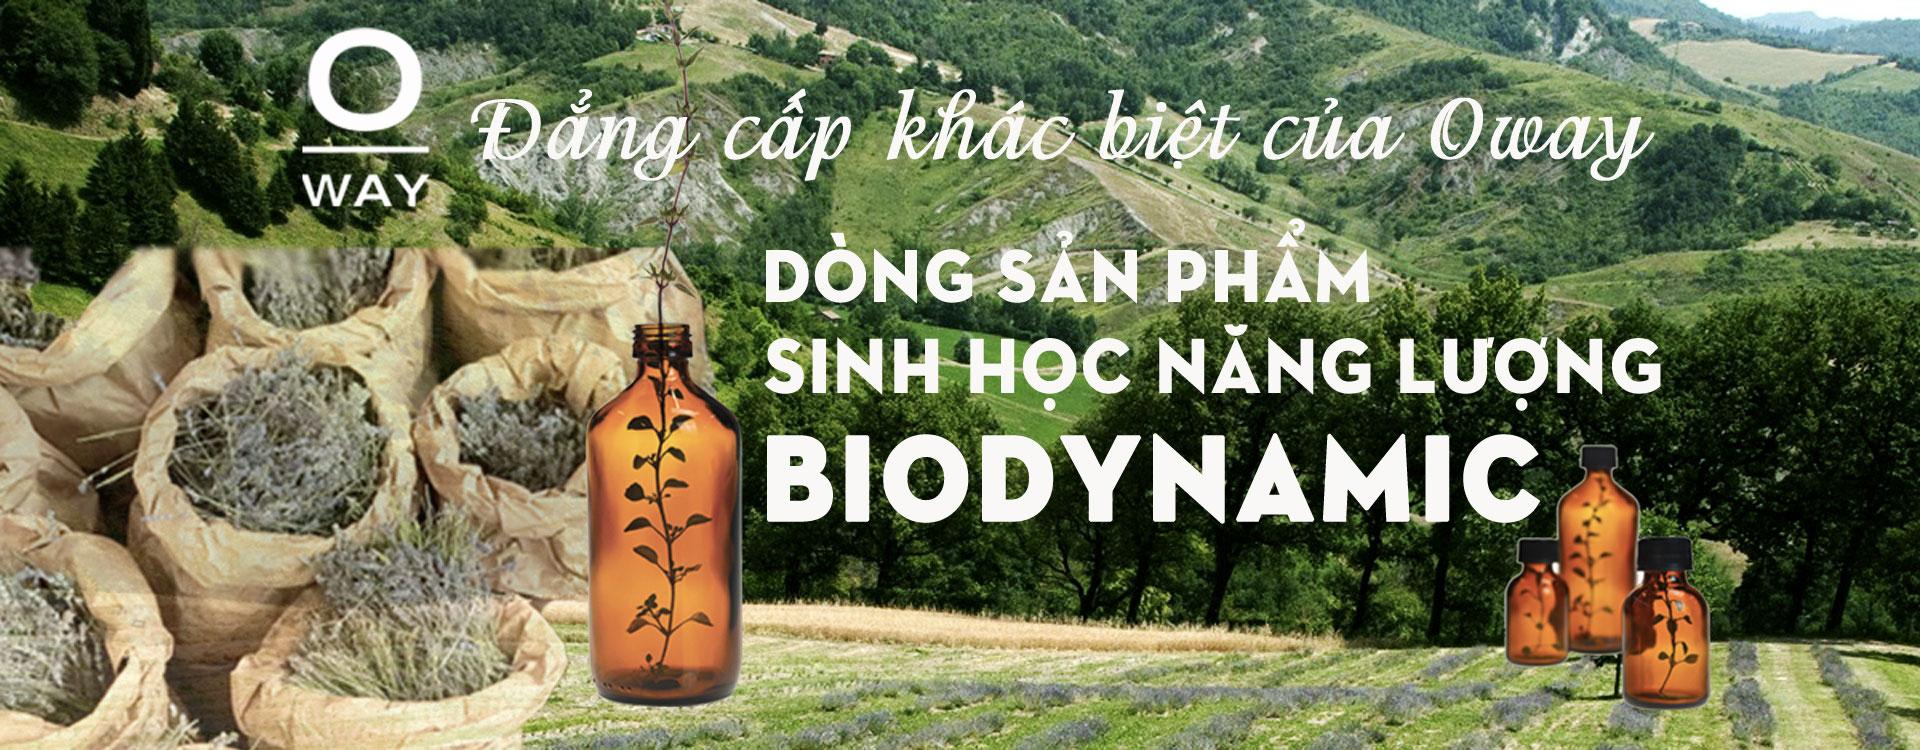 Đẳng cấp khác biệt của Oway – dòng sản phẩm Sinh học năng lượng Biodynamic